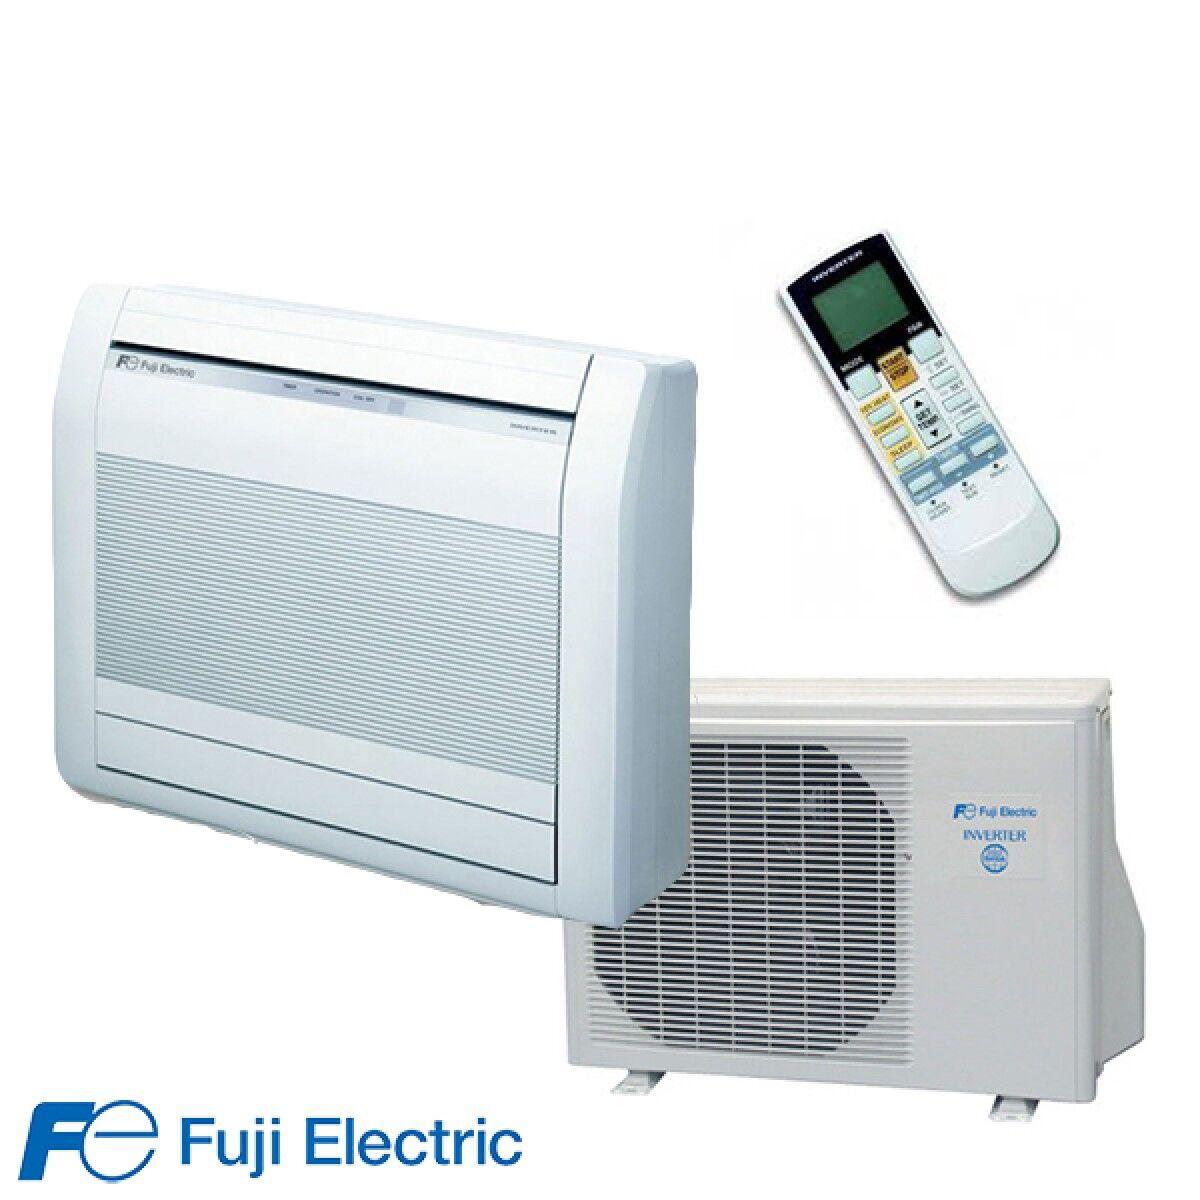 Инверторен подов климатик  Fuji Electric RGG09LVCA, 9000 BTU, A++